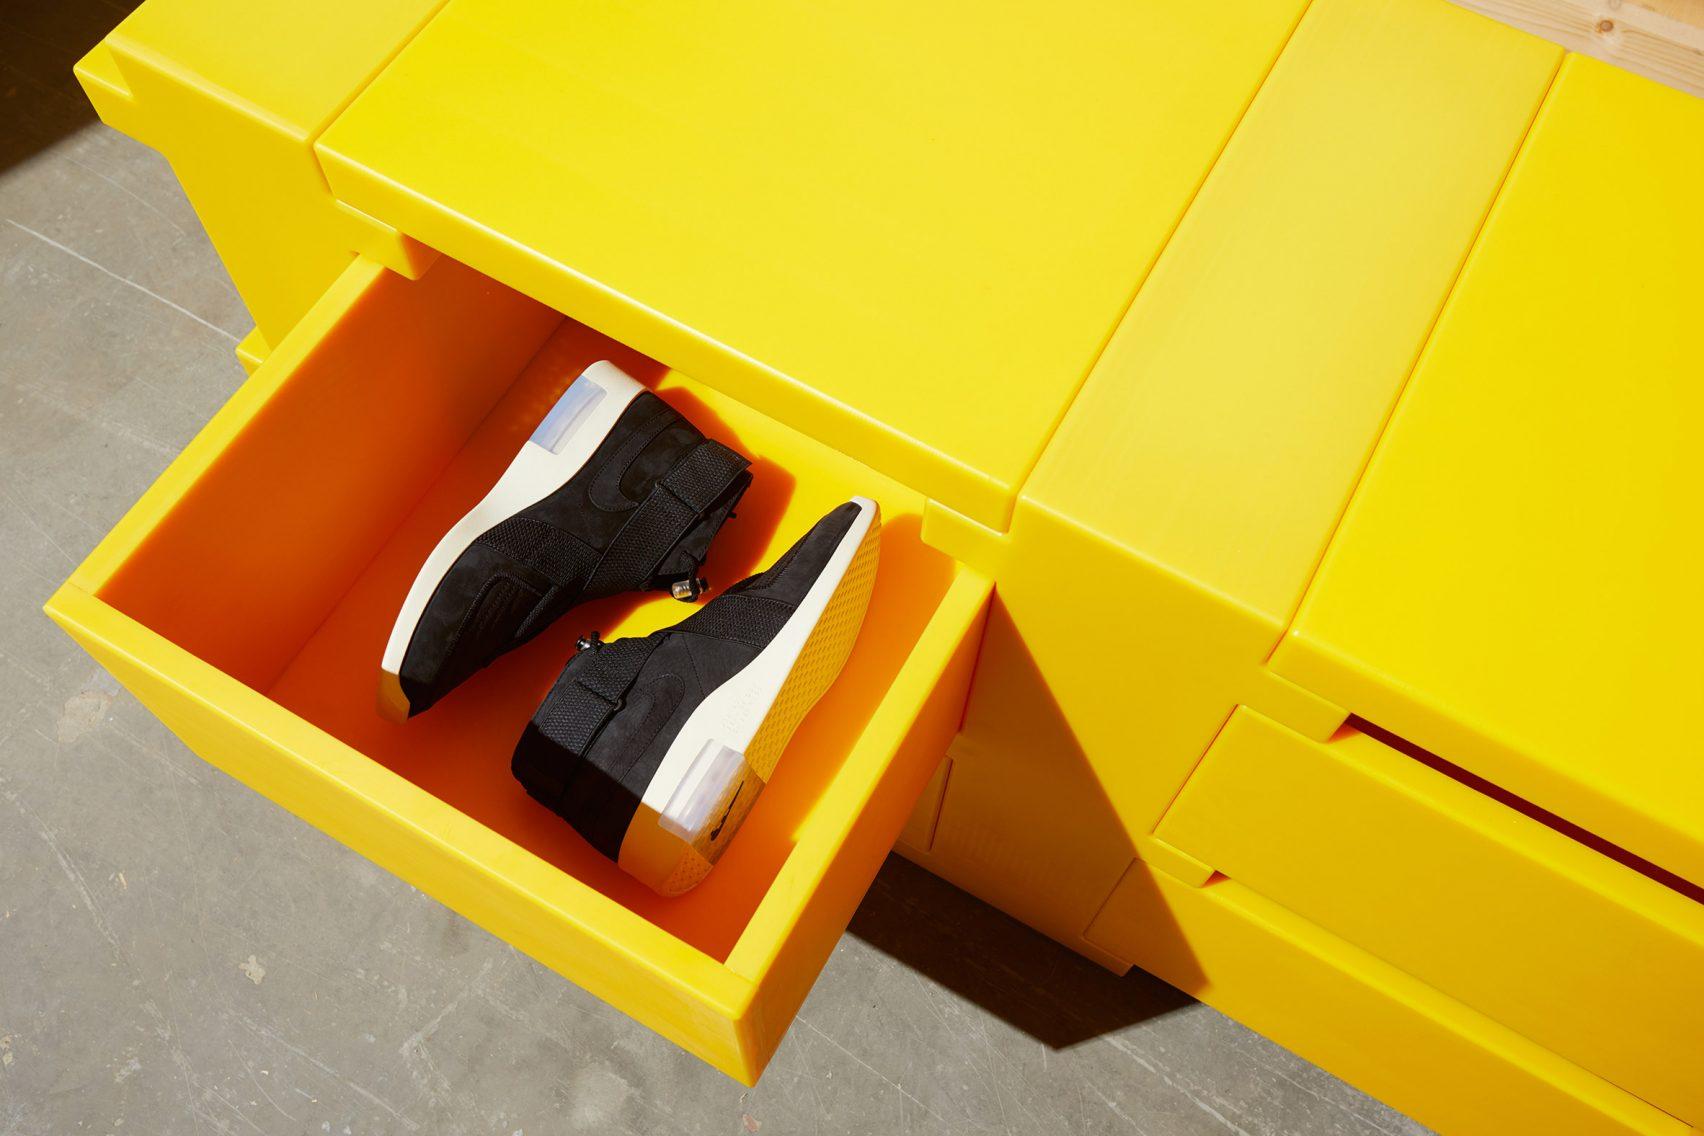 design-miami-basel-philippe-malouin-design-furniture_dezeen_2364_col_0-1704x1136.jpg